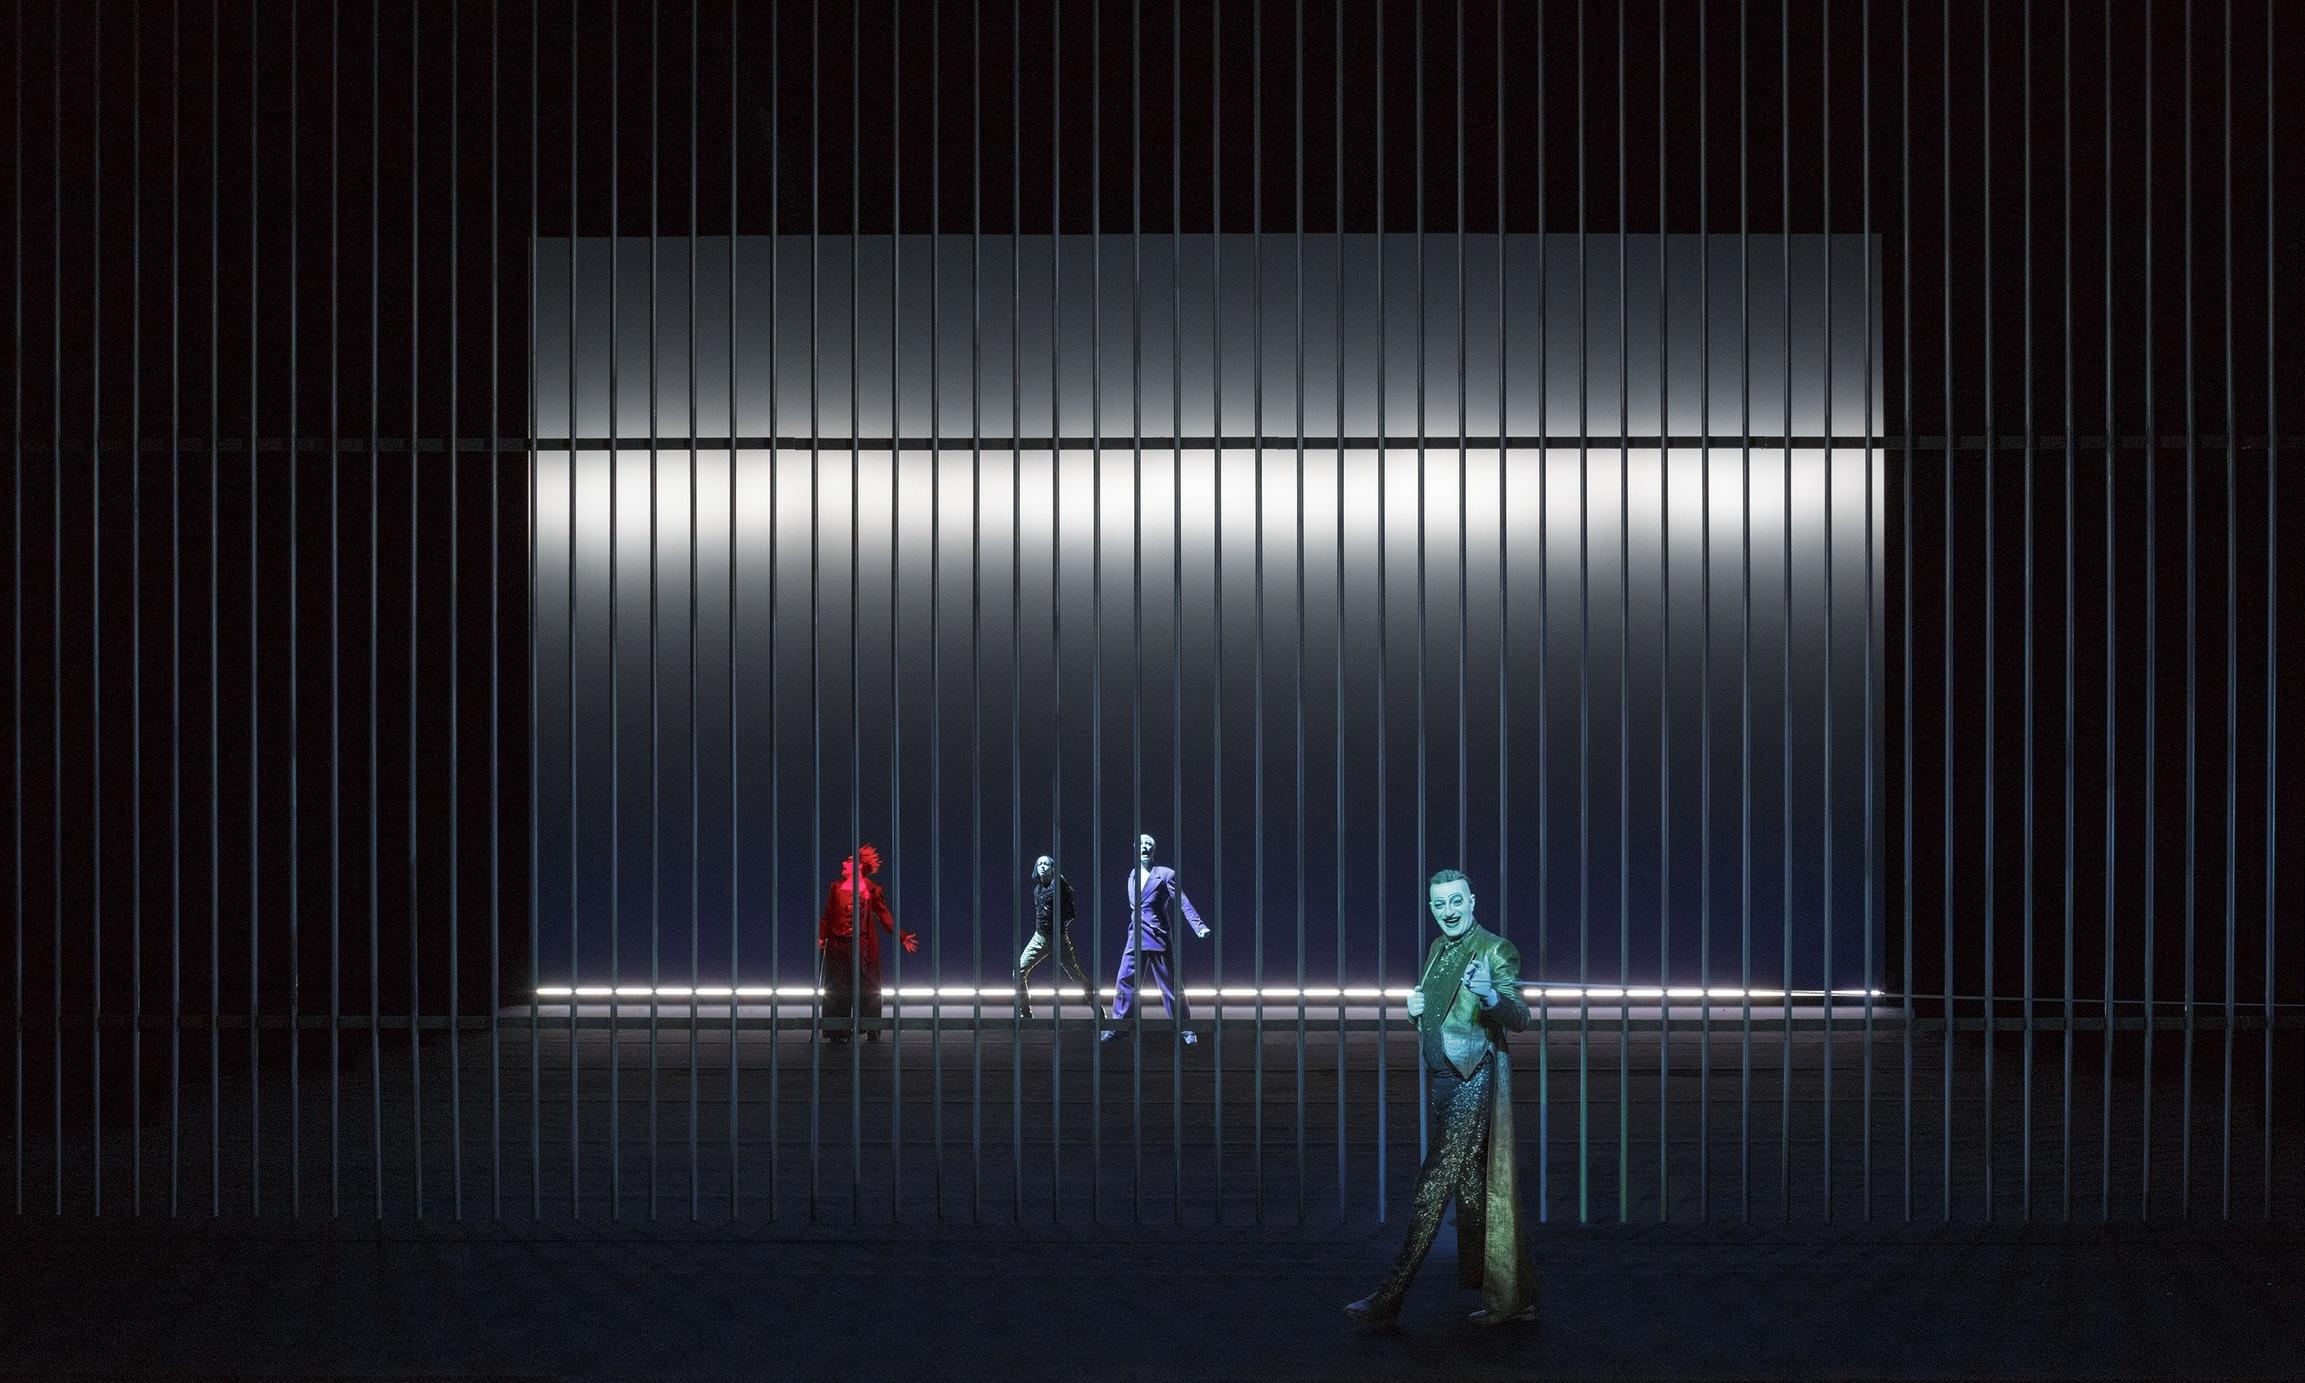 Scene 3C2 - The Torture of Loke: Eivin Nilsen Salthe (Loke), Joachim Rafaelsen (Ty), Ola G. Furuseth (Frøy), Paul-Ottar Haga (Njord)